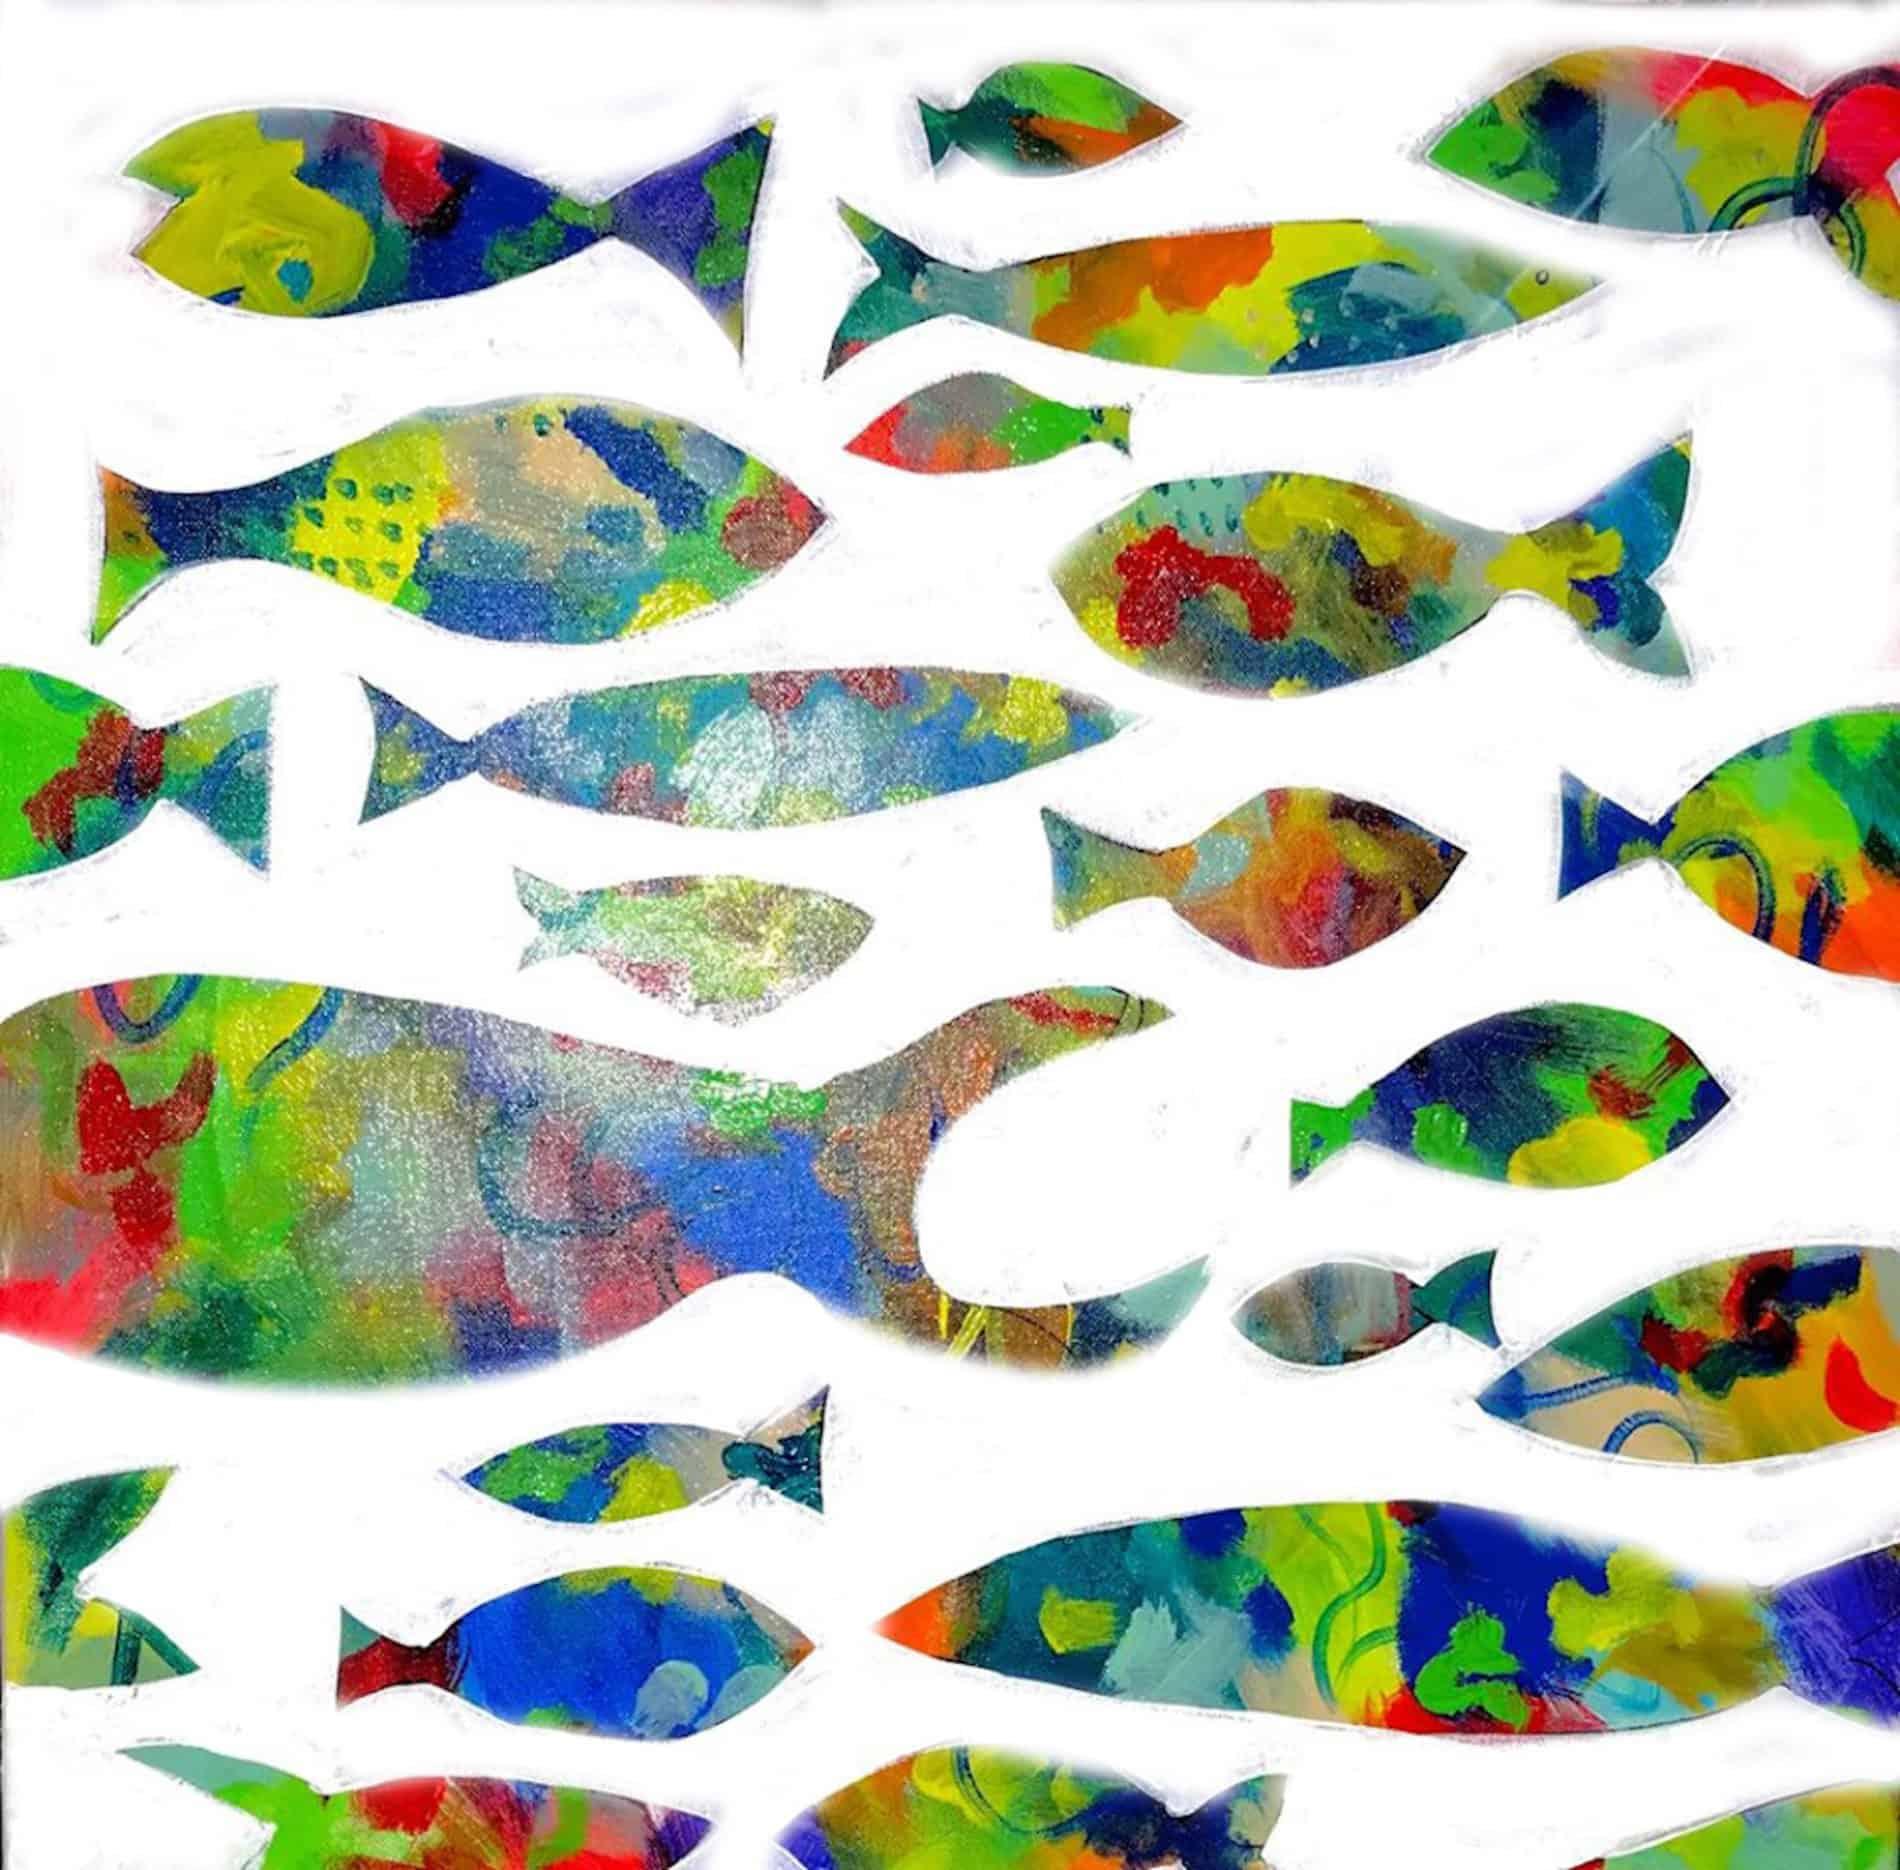 mauritius_arts_lauredy_louise-colourful fish